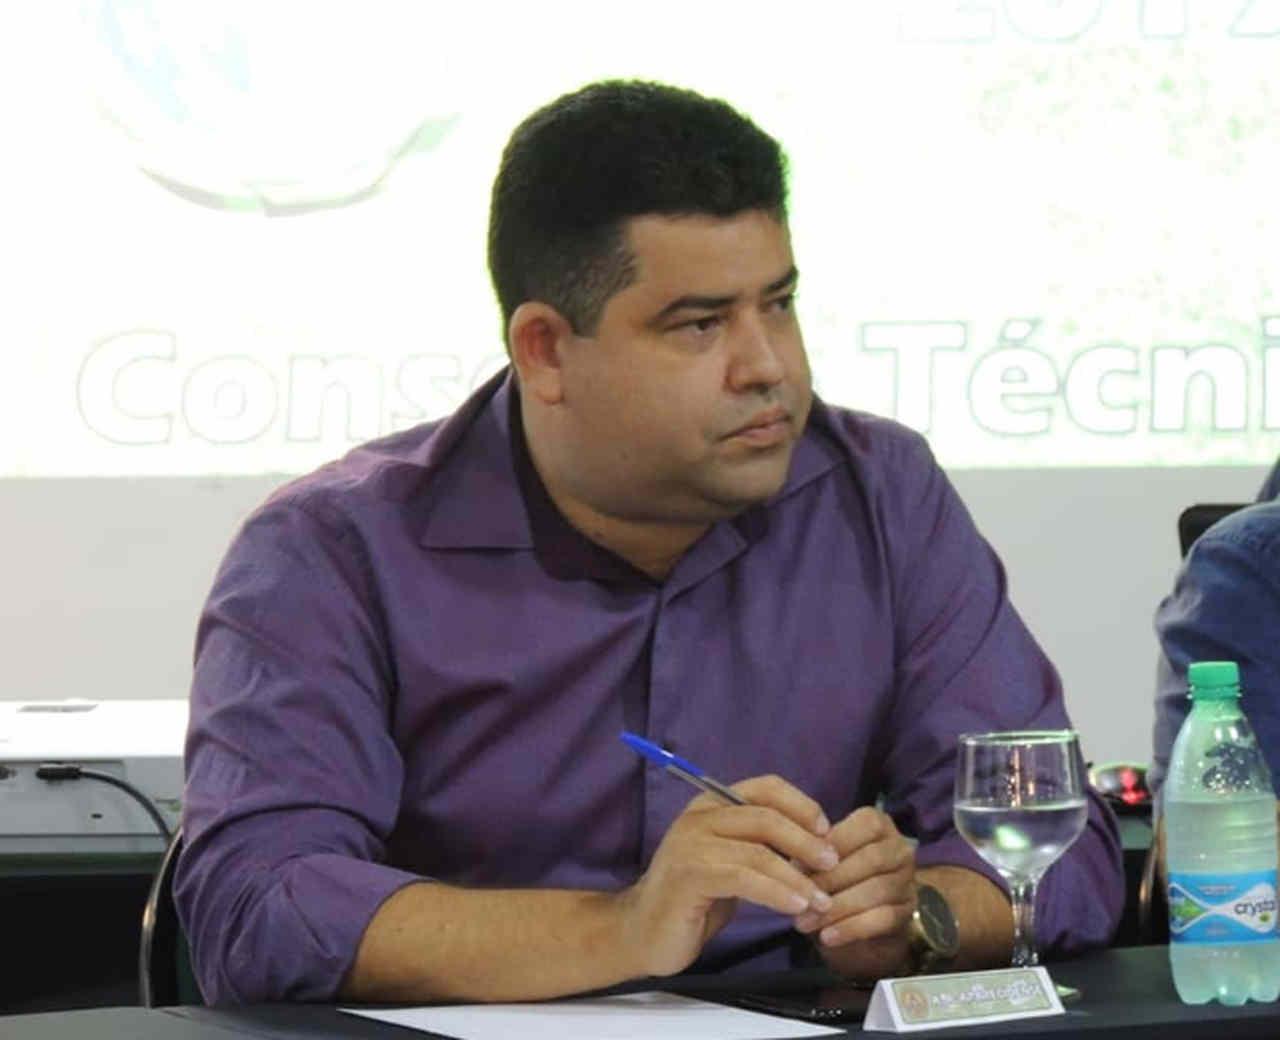 Aparecidense fecha com técnico e meia campeões pelo Vila Nova, conta presidente Elvis Mendes ao FZ | Foto: Marielly Dias